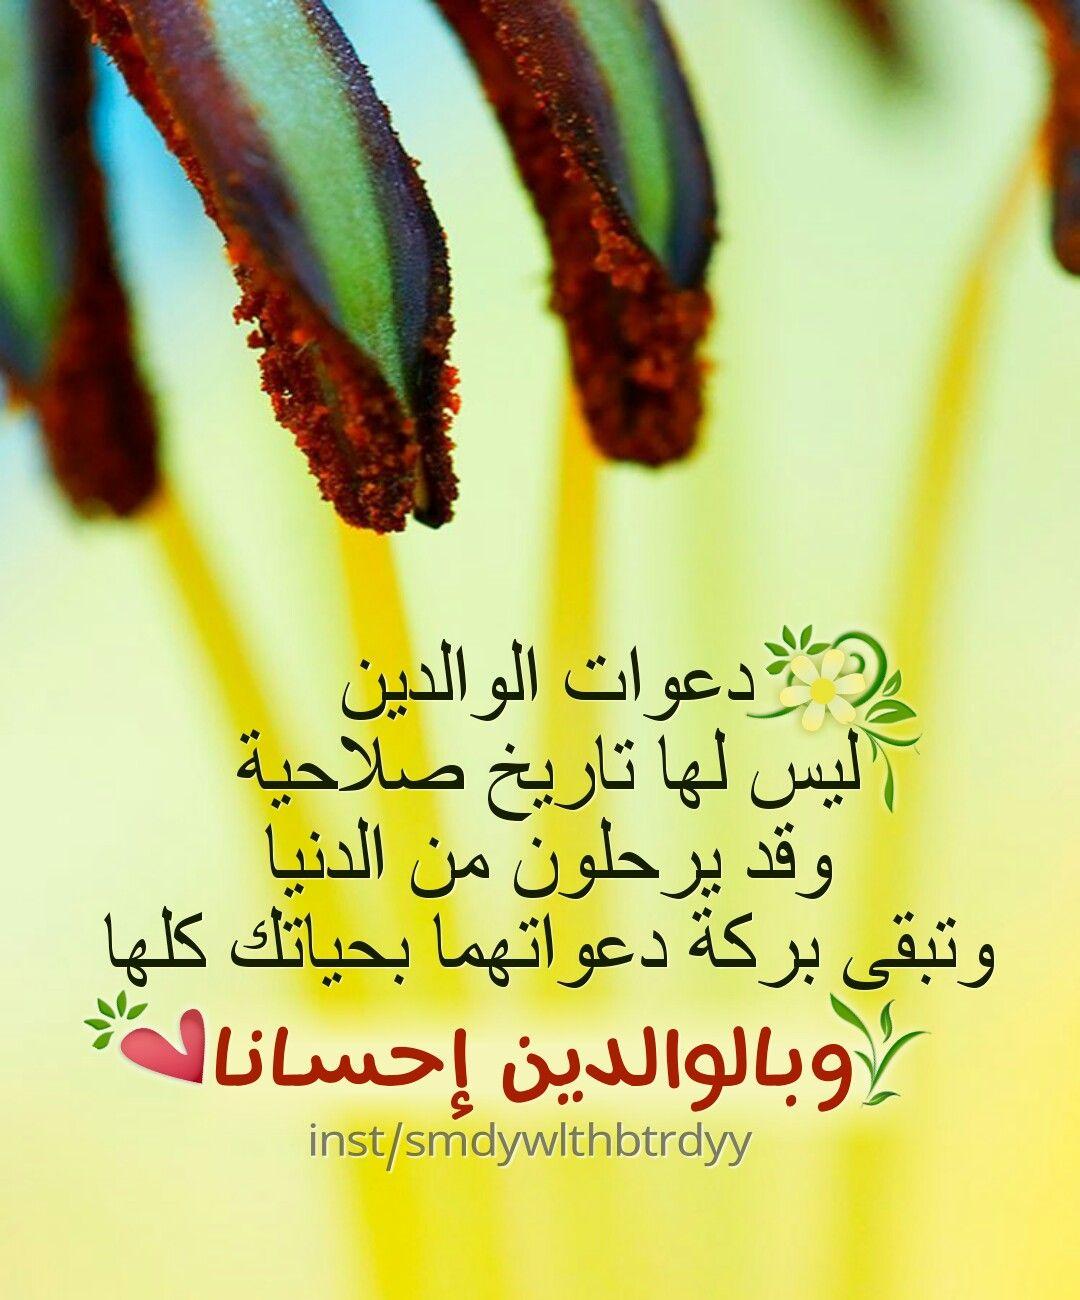 اللهم اشفي كل مريض لا يعلم بحاله الا انت اللهم اشفي مرضانا و مرضى المسلمين Islamic Dua Quran Islam